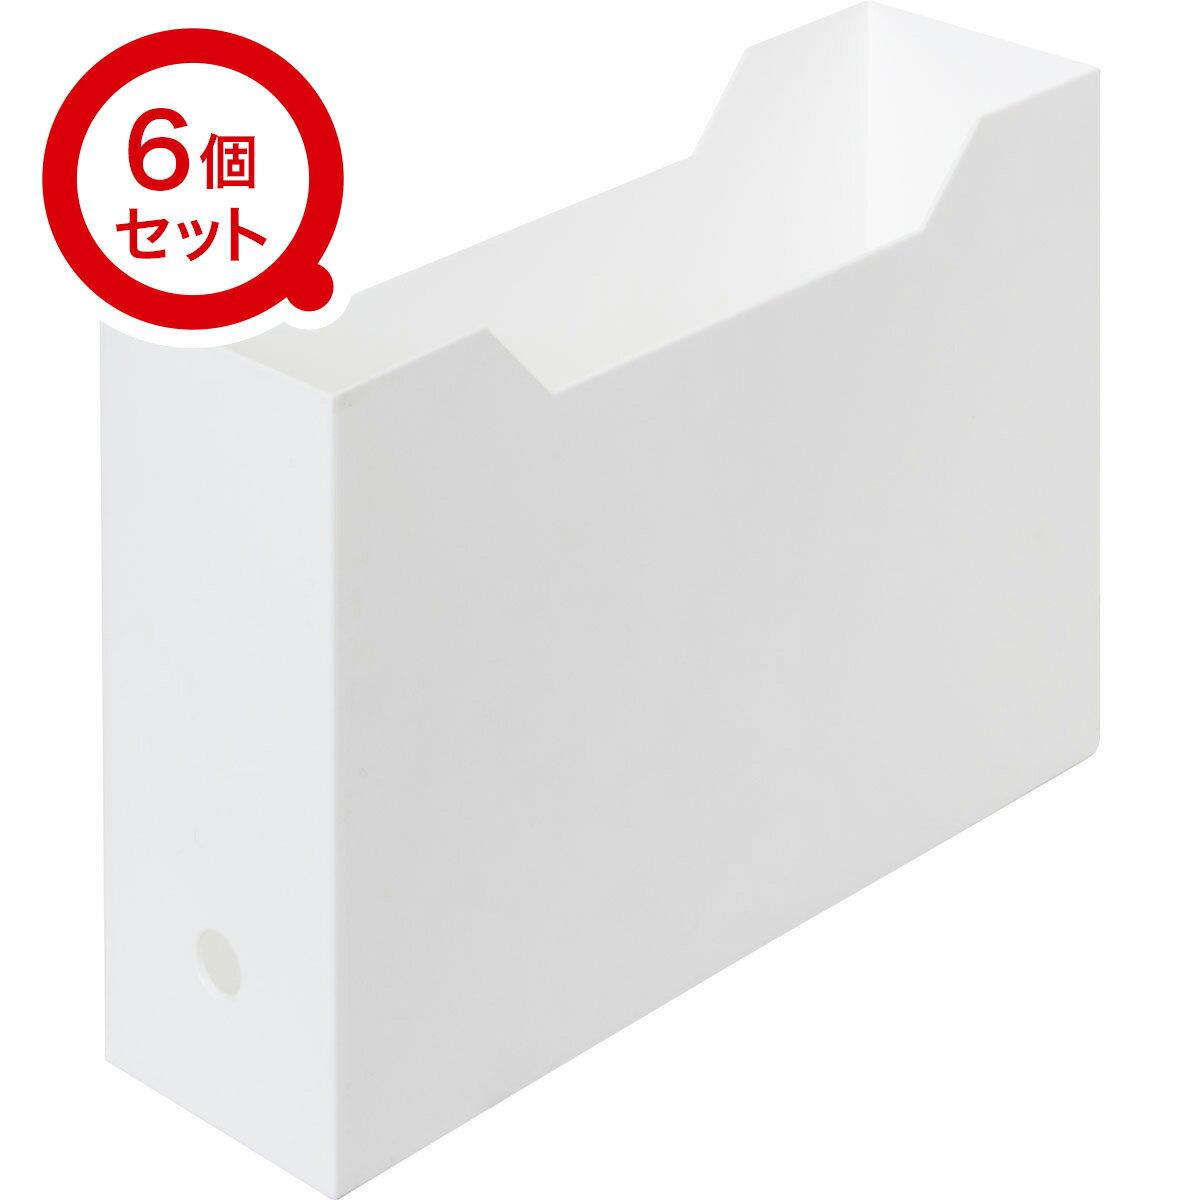 A4ファイルケース(オールホワイト) 6個セット